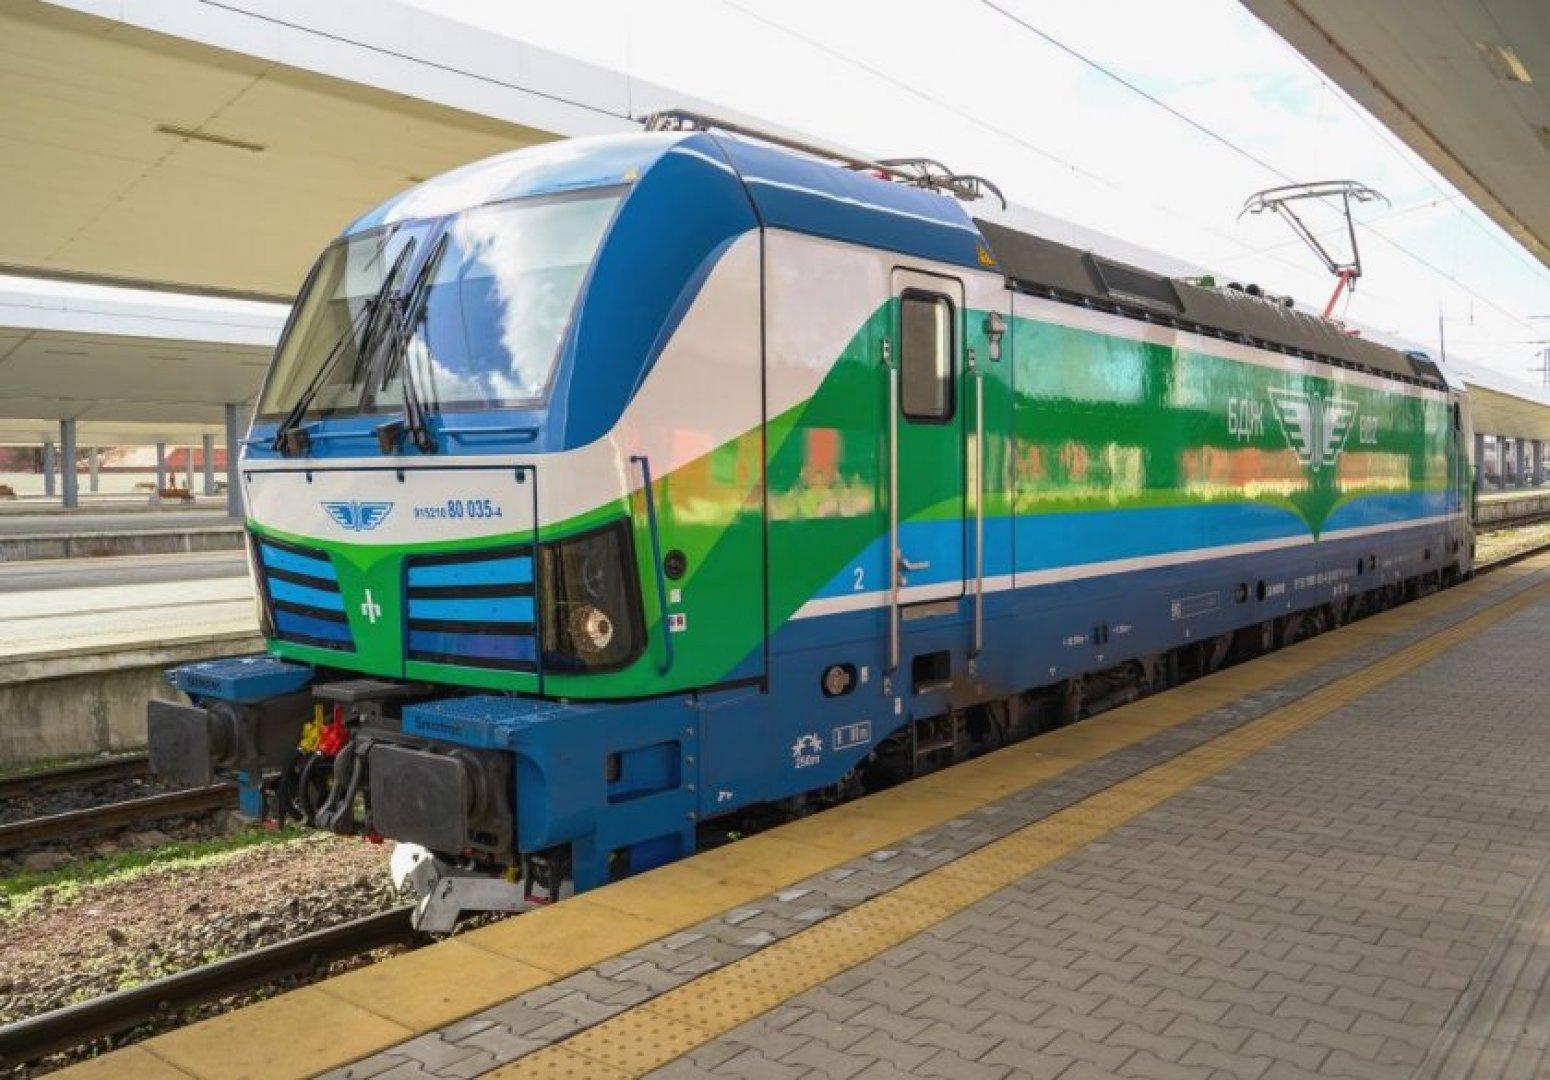 Министър Желязков: За първи път подвижен жп състав за БДЖ ще бъде финансиран с европейски средства